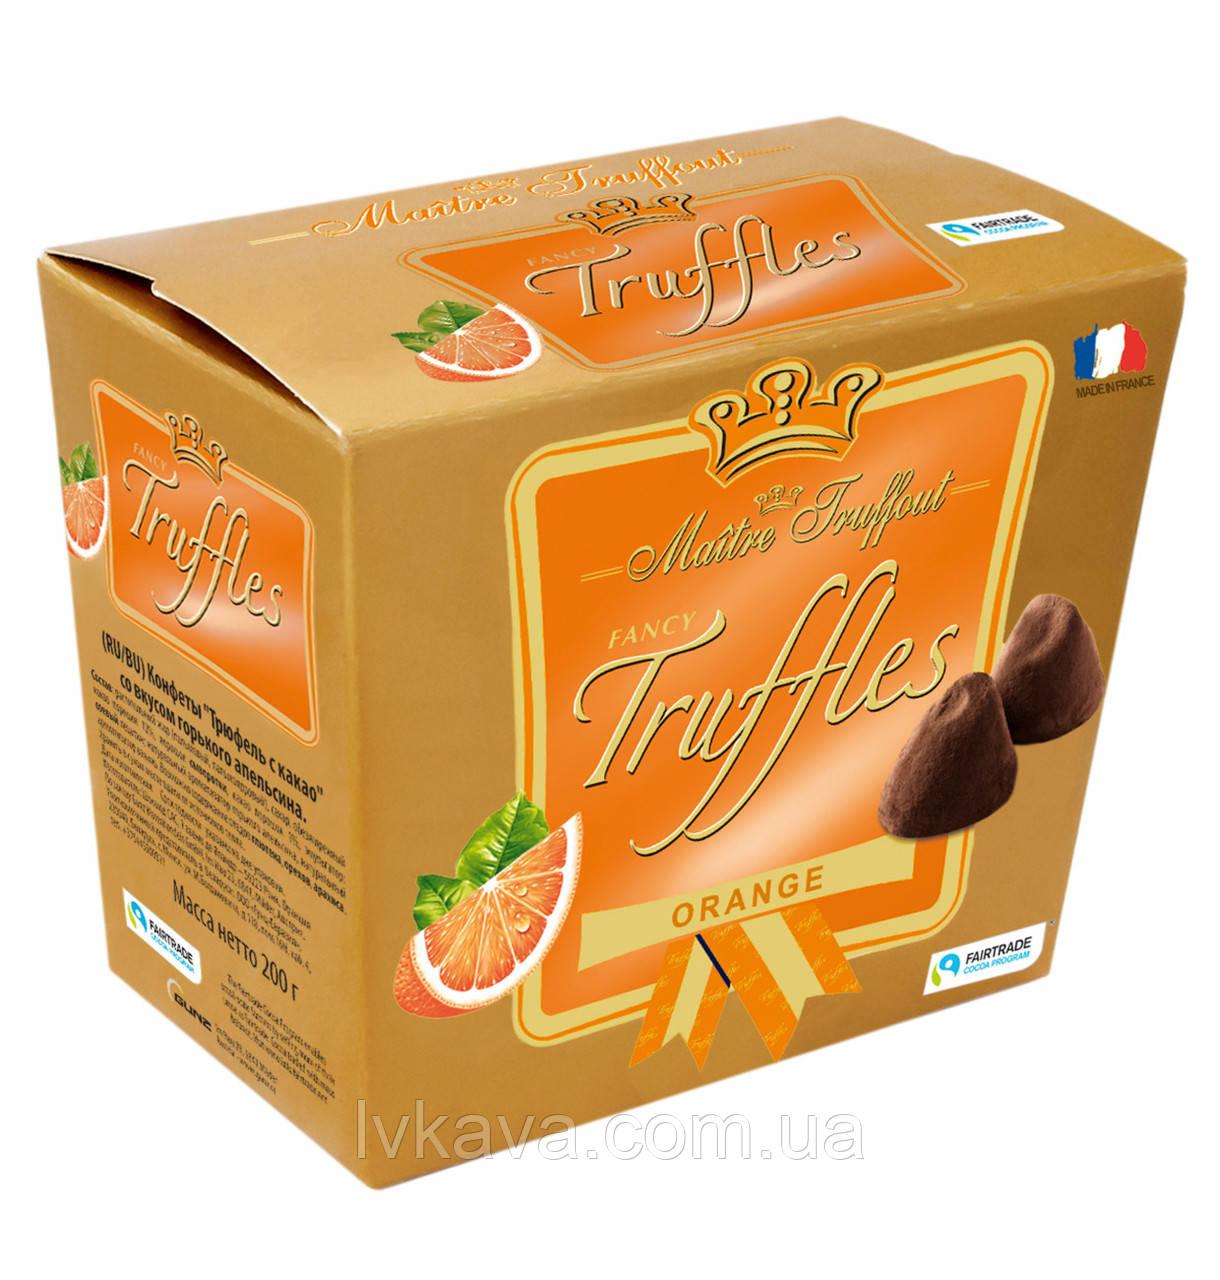 Конфеты трюфели Fancy gold truffles orange   Maitre Truffout  , 200 гр